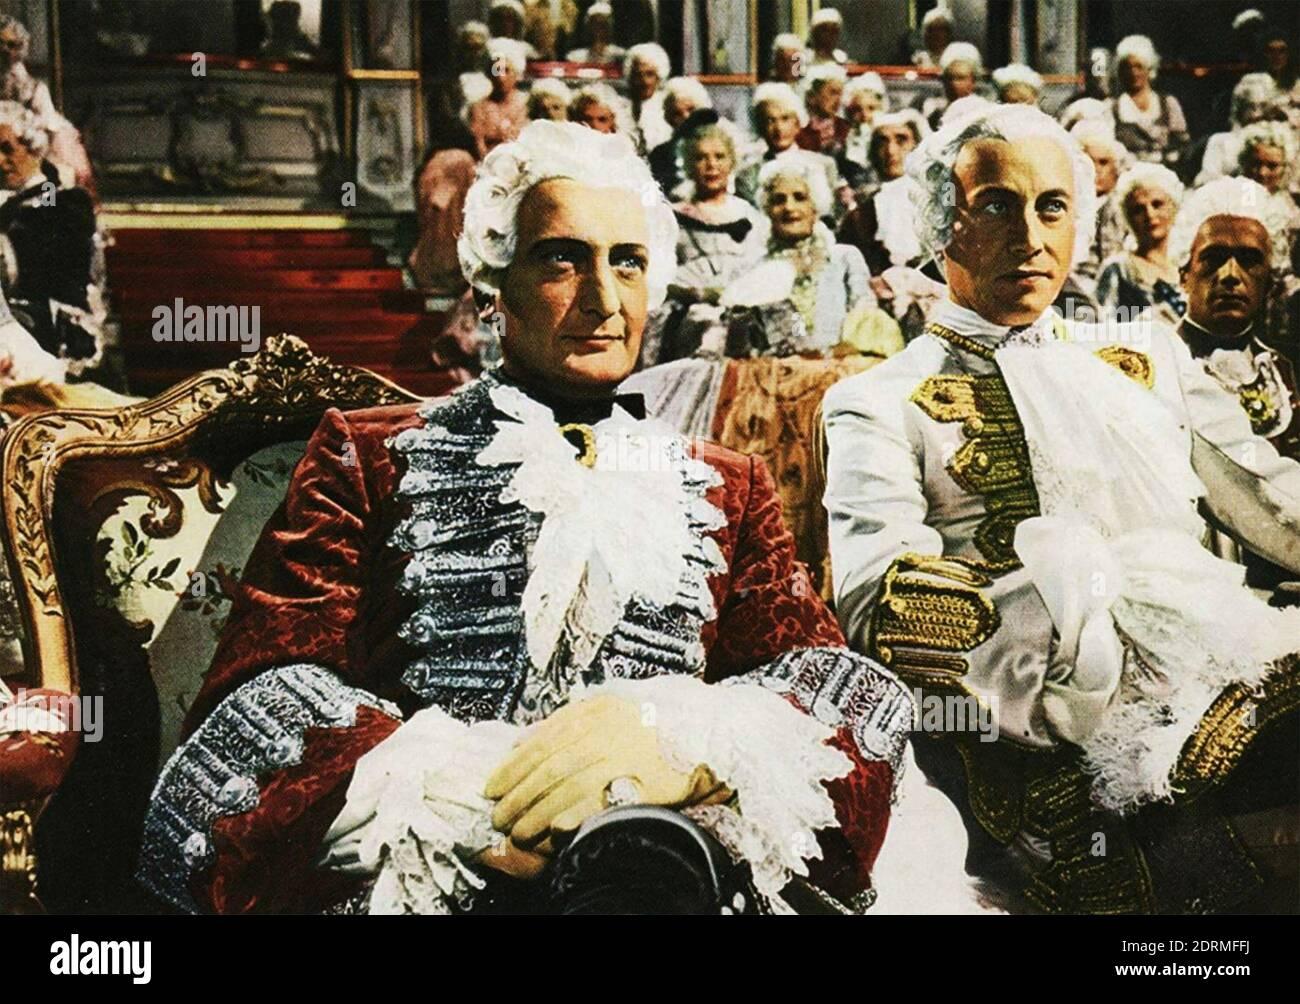 Münchhausen 1943 produzione di film Universum con Hans Albers nel ruolo del titolo qui a sinistra in una visita alla Corte Russa Foto Stock